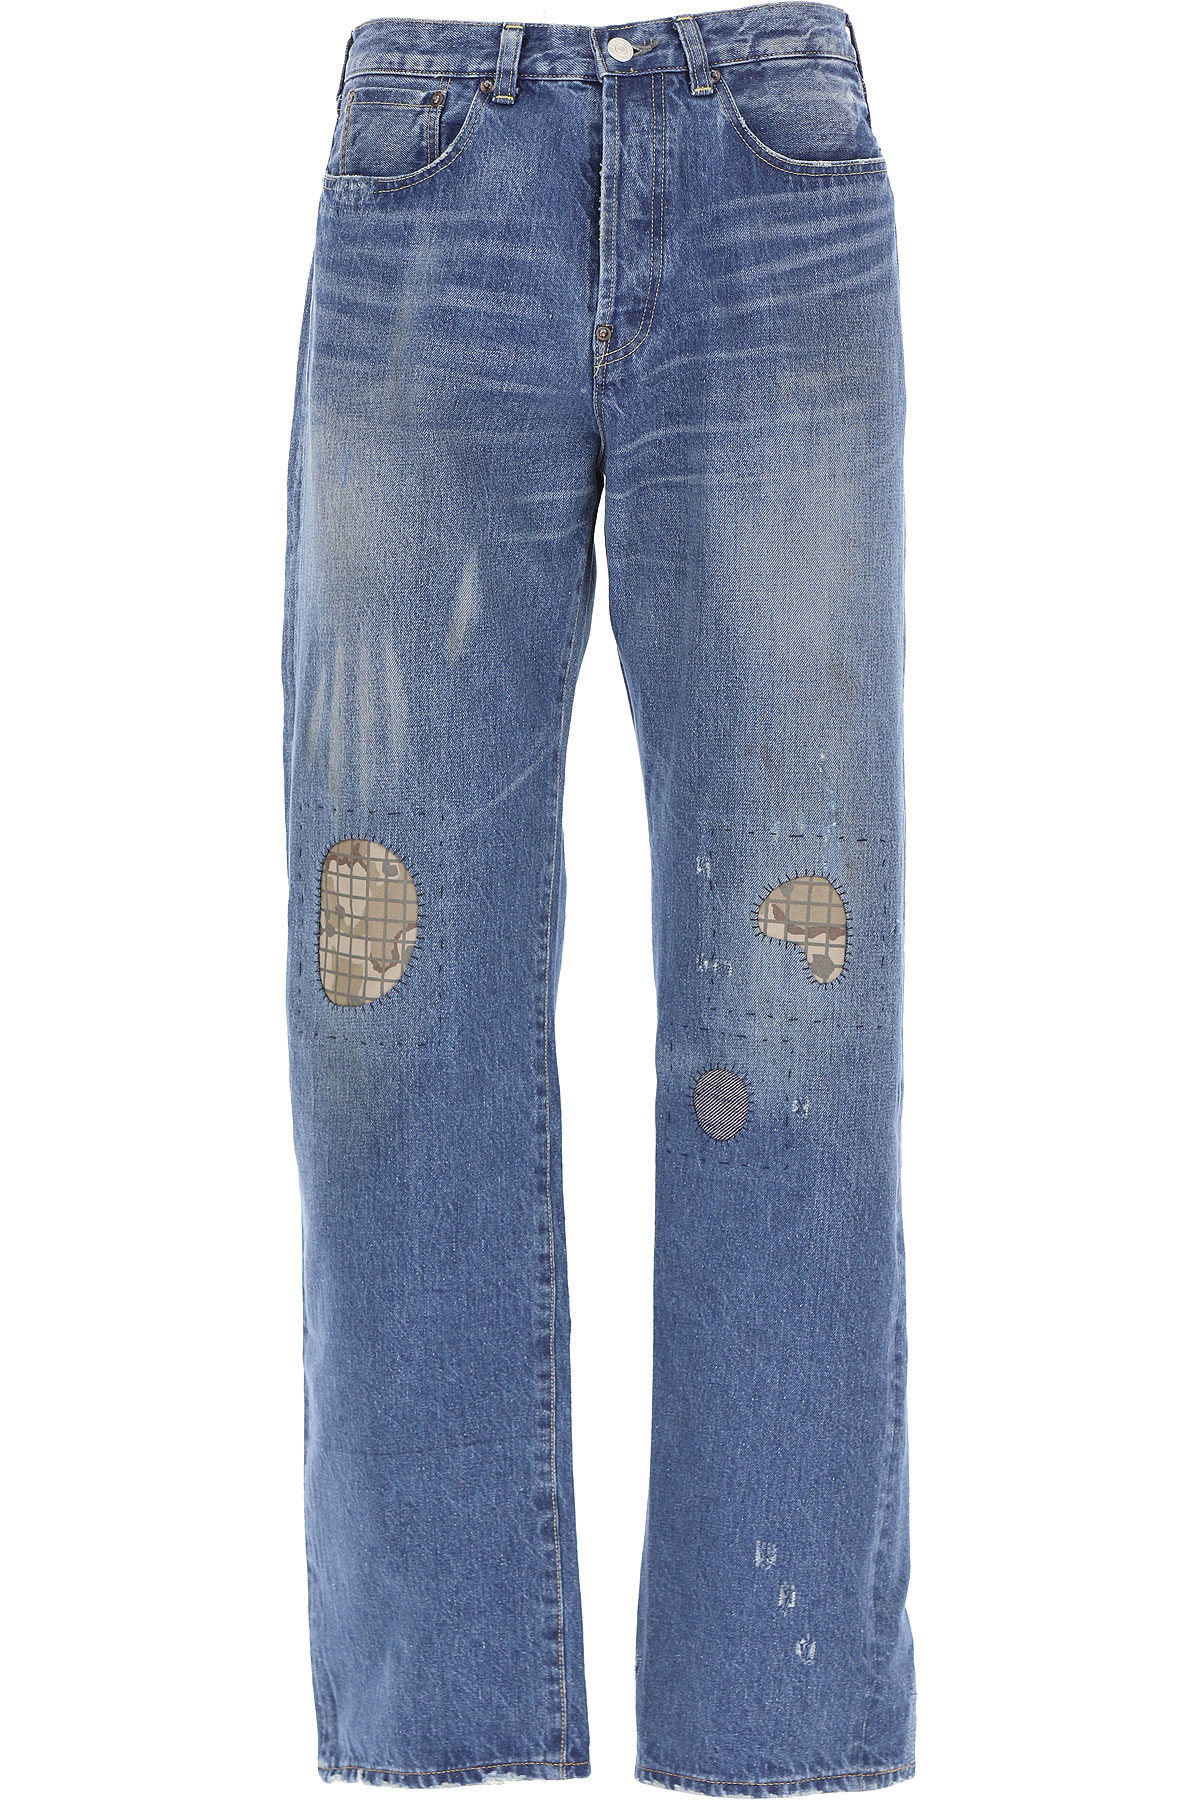 Comme des Garcons Jeans On Sale, Denim Blue, Cotton, 2019, M (EU 48) L (EU 50)